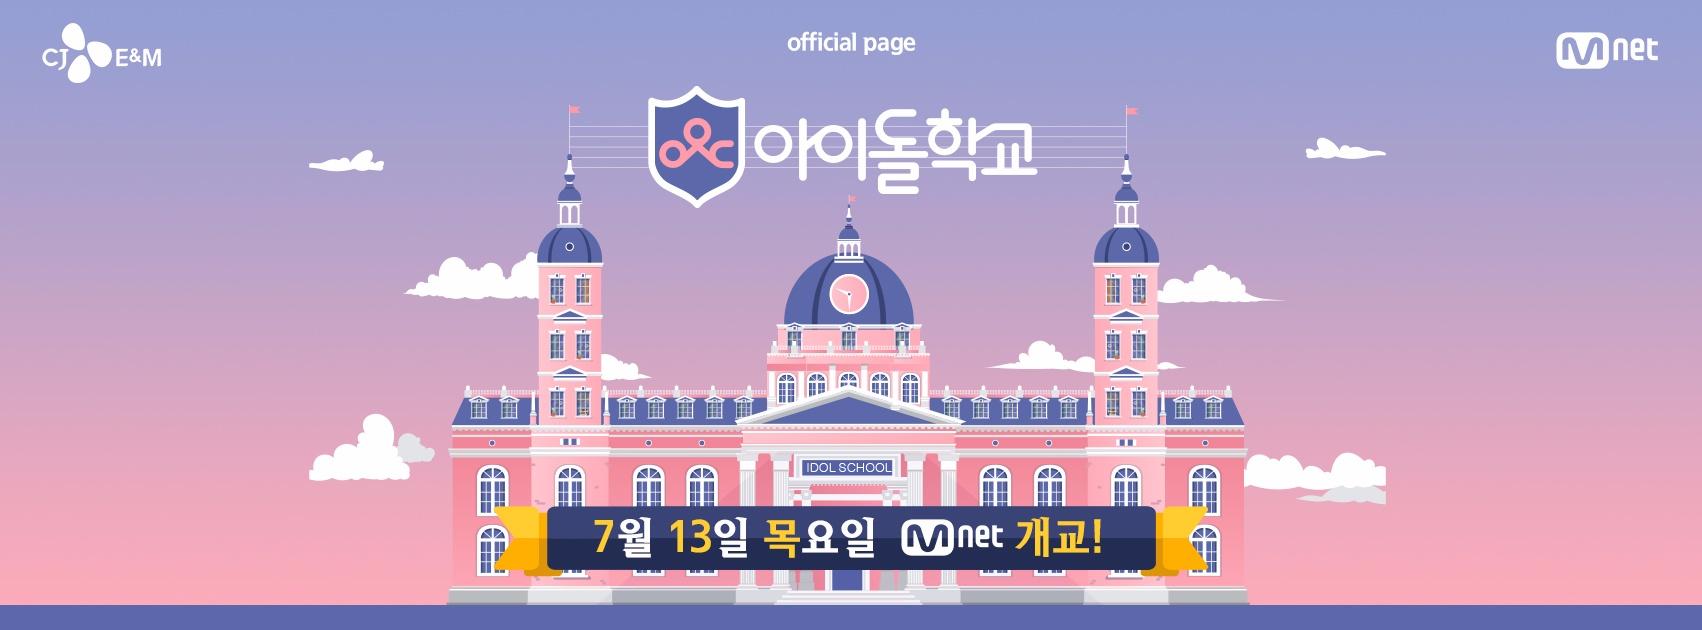 相信大家都有聽說韓國電視台Mnet即將推出的綜藝節目《偶像學校》,節目內容以養成新女團為主軸,並開設韓國第一所女子團體養成專門教育機構,招收學生後將於節目中進行訓練,優秀學生將能以新女團的身份出道。 而節目的一大看點就是參賽者並非「練習生」,而只是「一般人」呢!